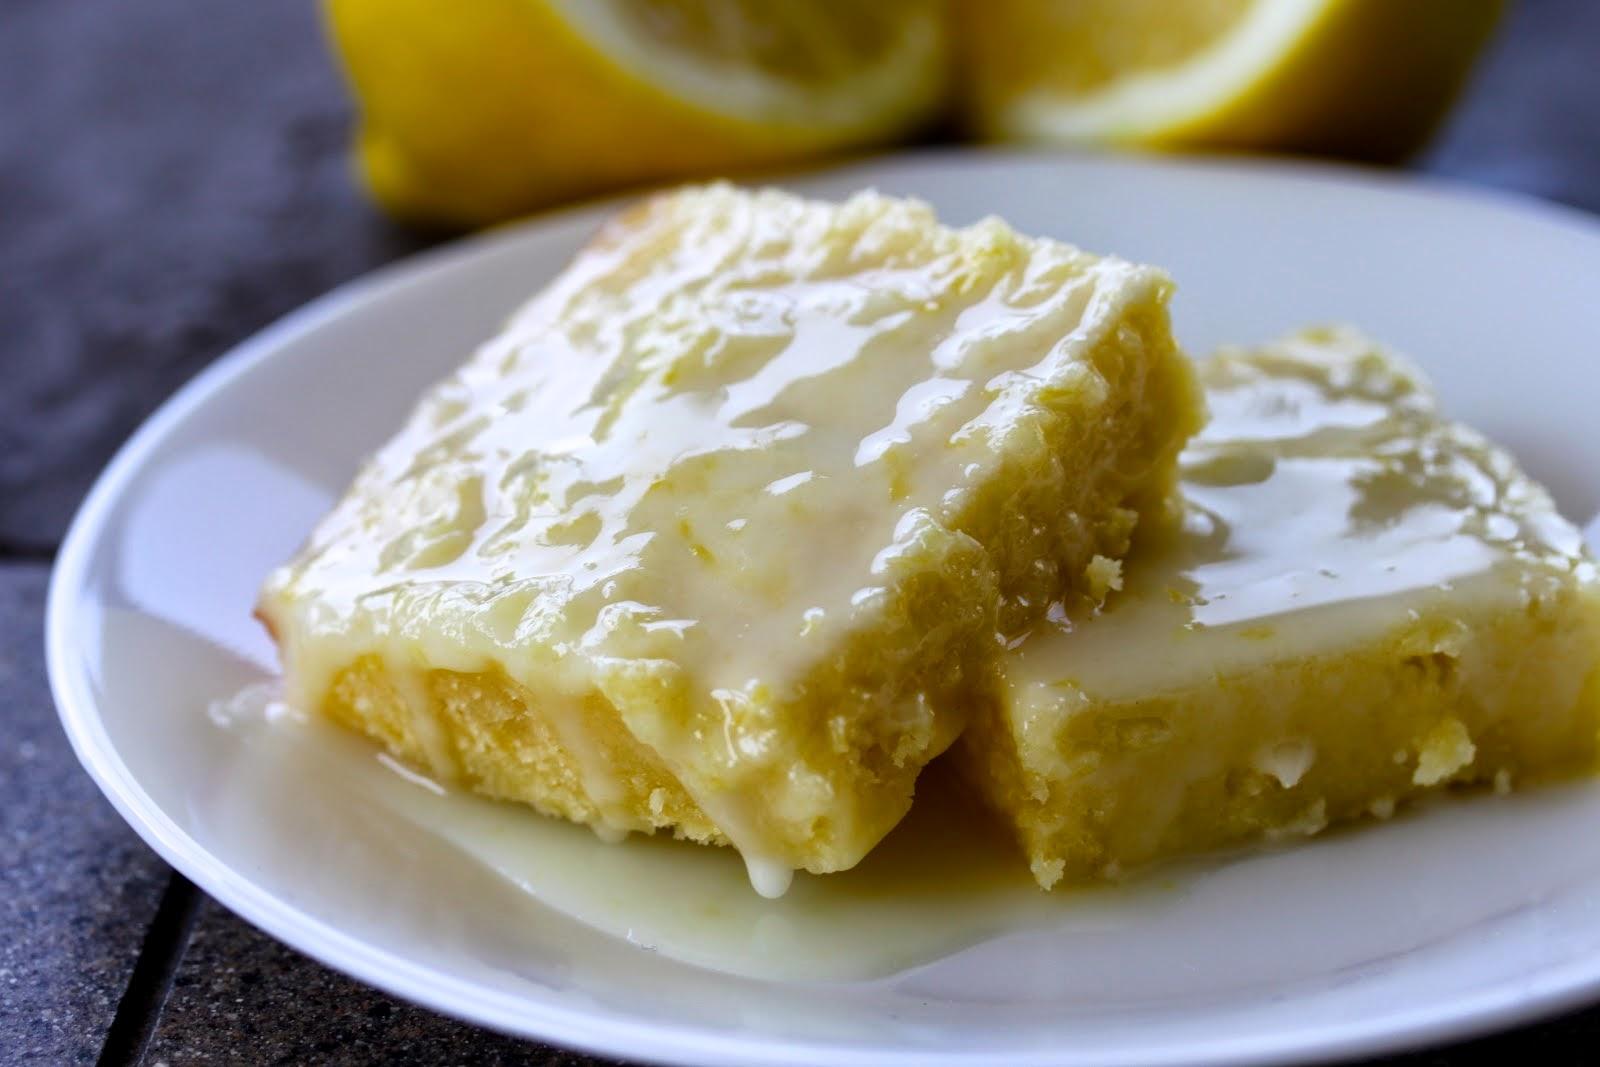 Resep Makanan Kue Brownies Rasa Lemon